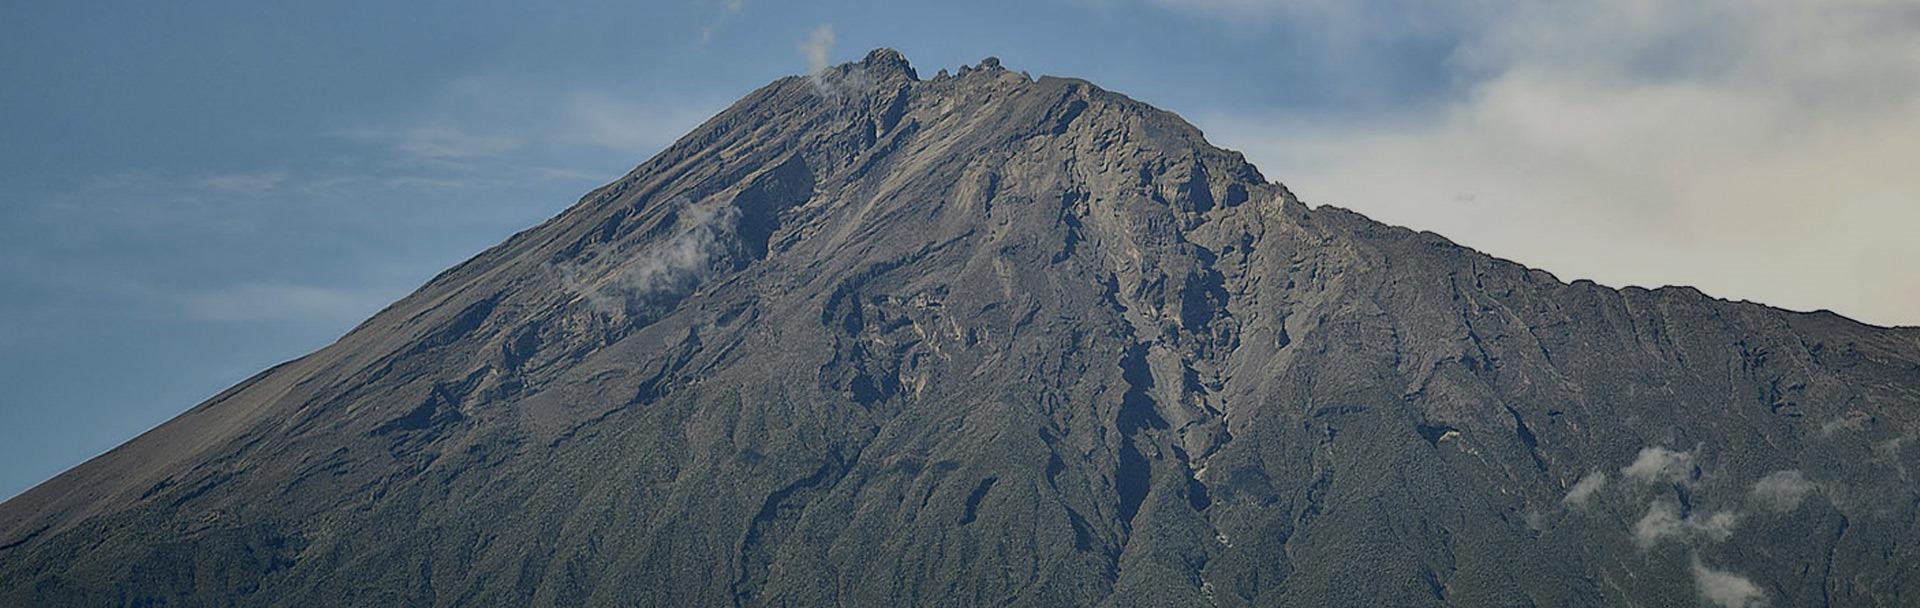 mount-meru-climbing-banner